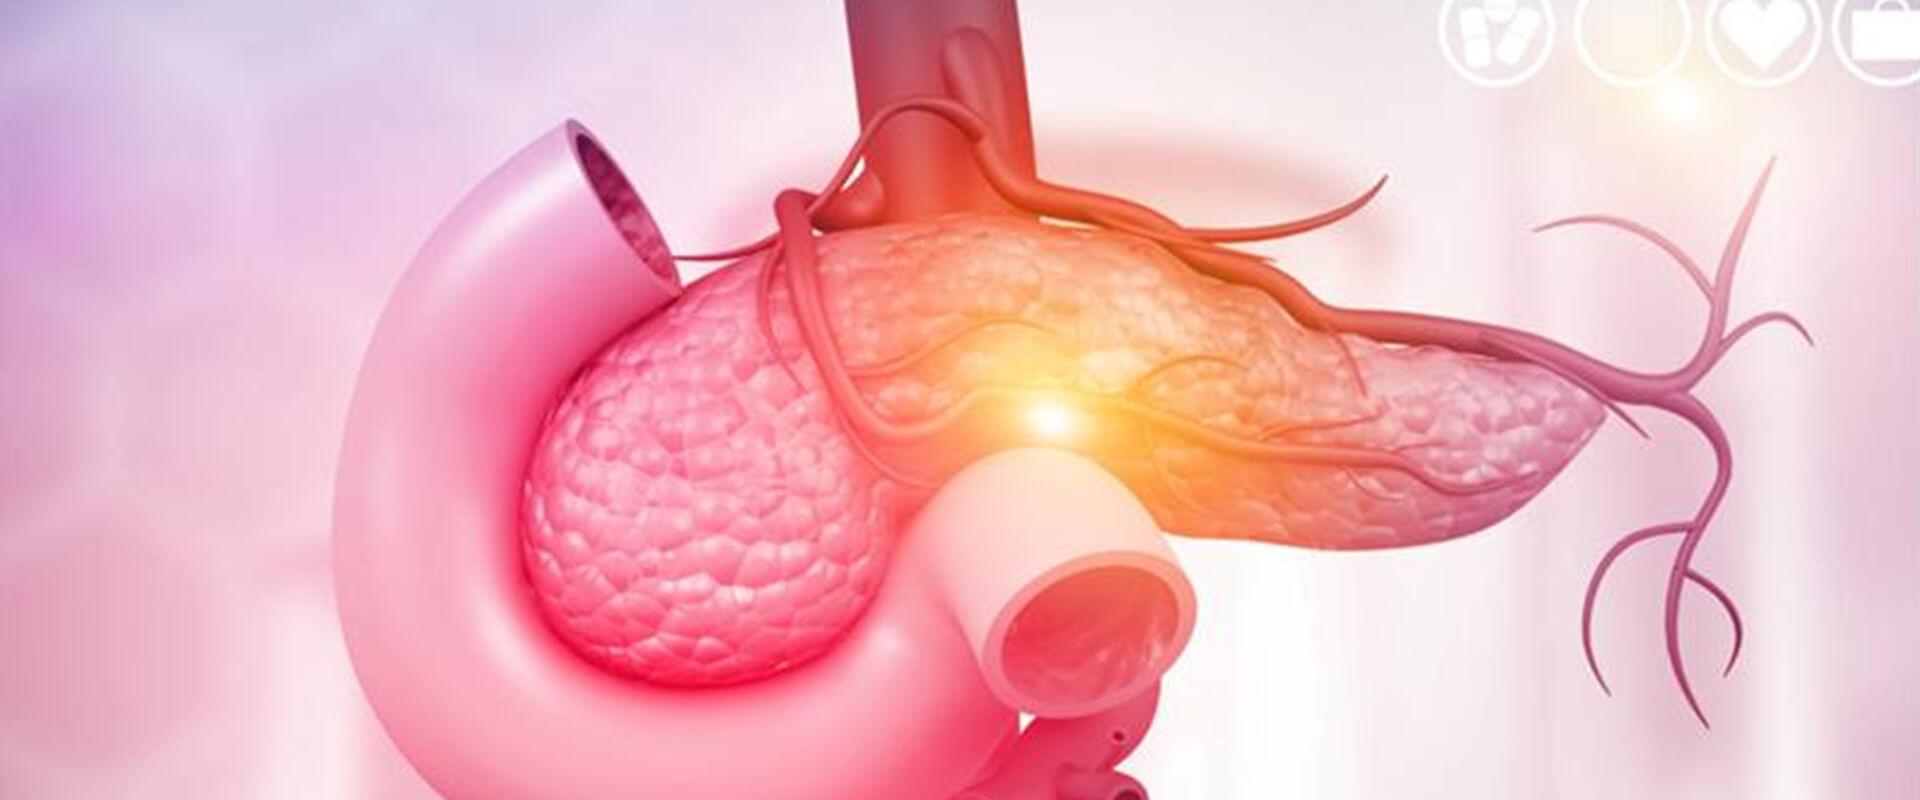 Câncer de pâncreas - Dr. Valter Alvarenga